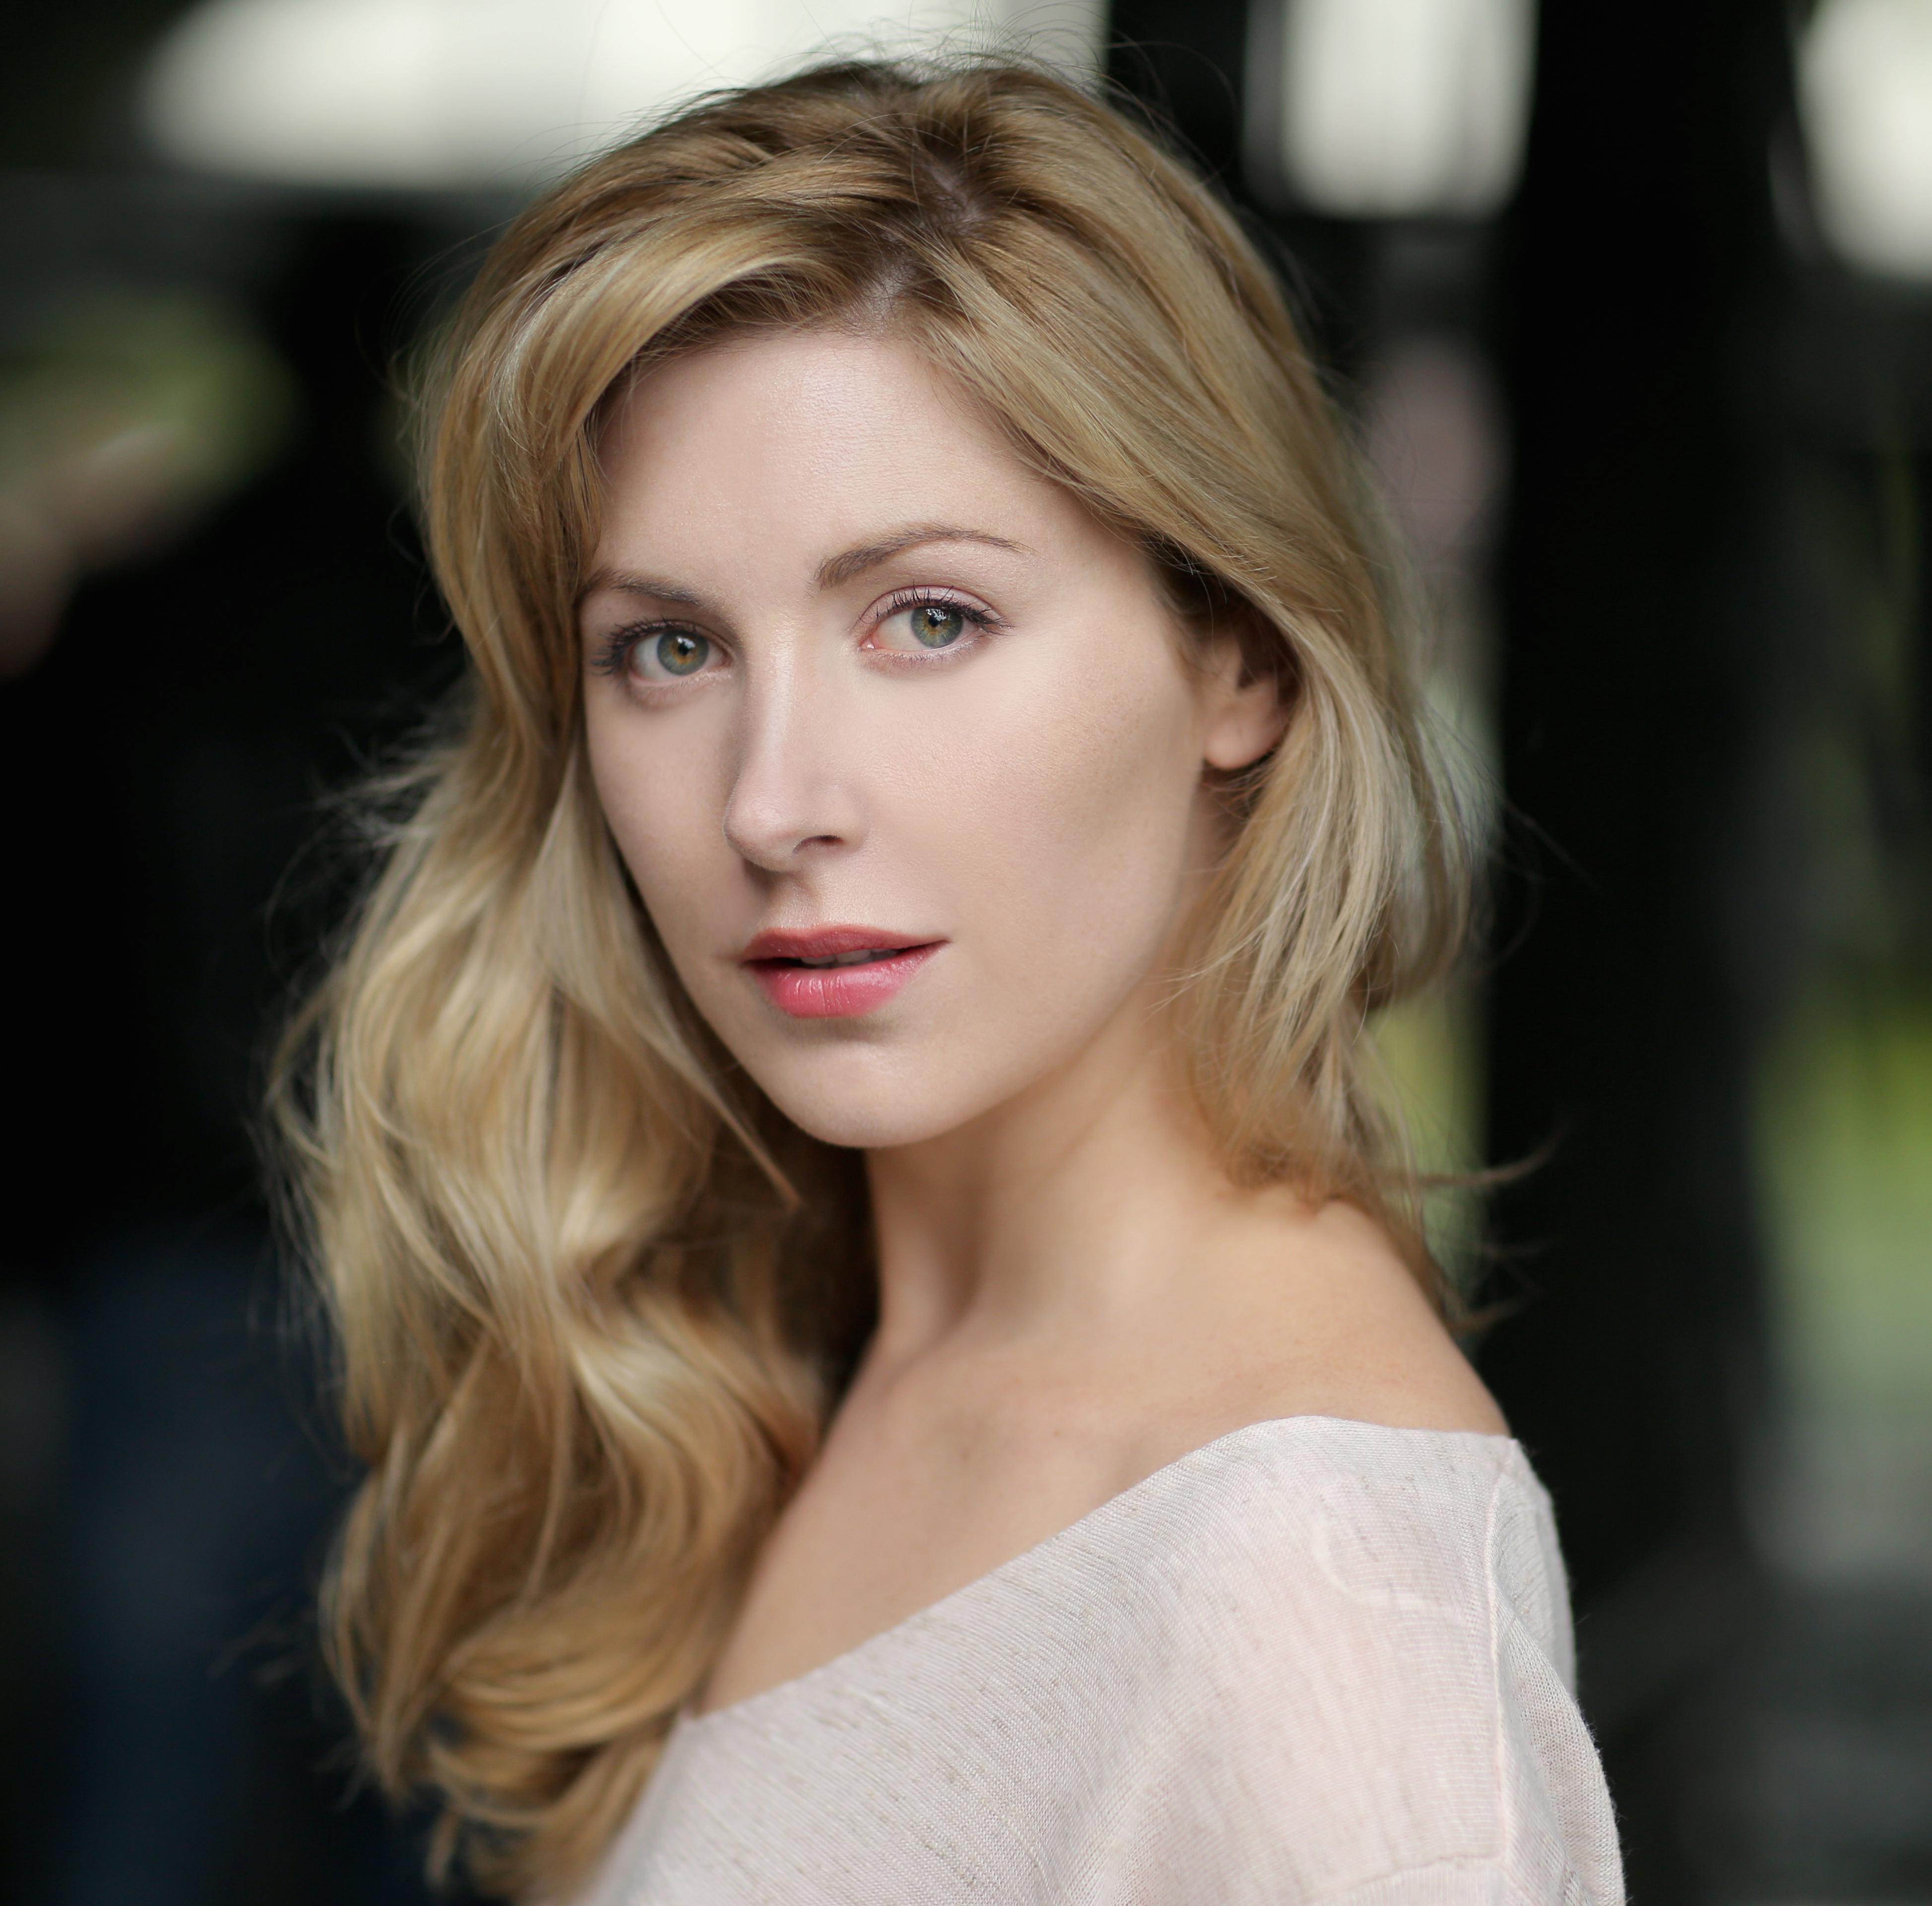 Emma Hamilton (actress) nude photos 2019